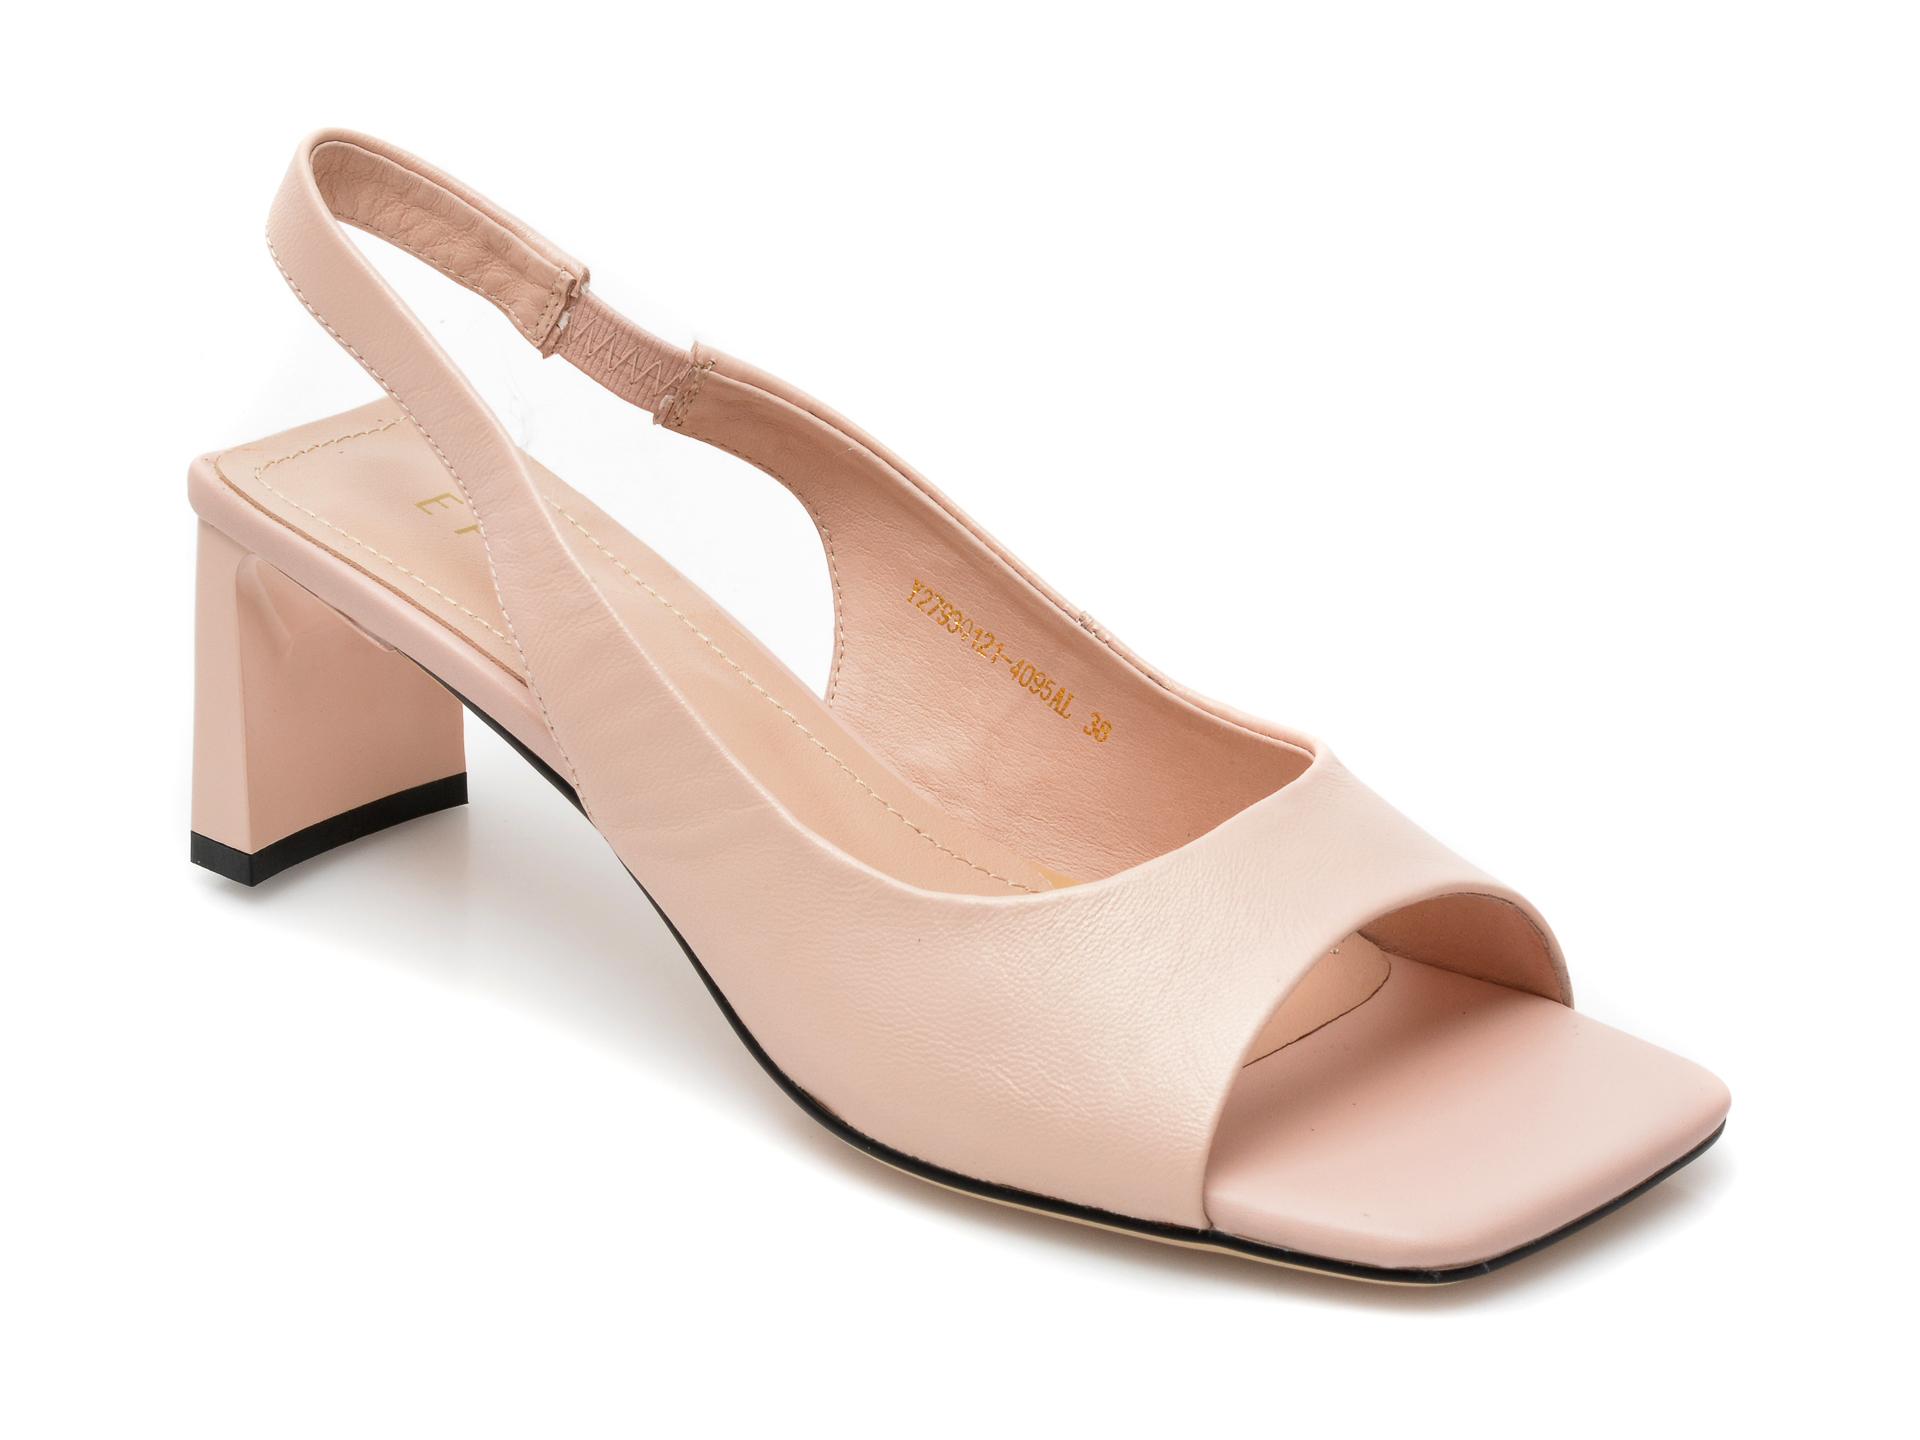 Sandale EPICA nude, Y2793Q1, din piele naturala